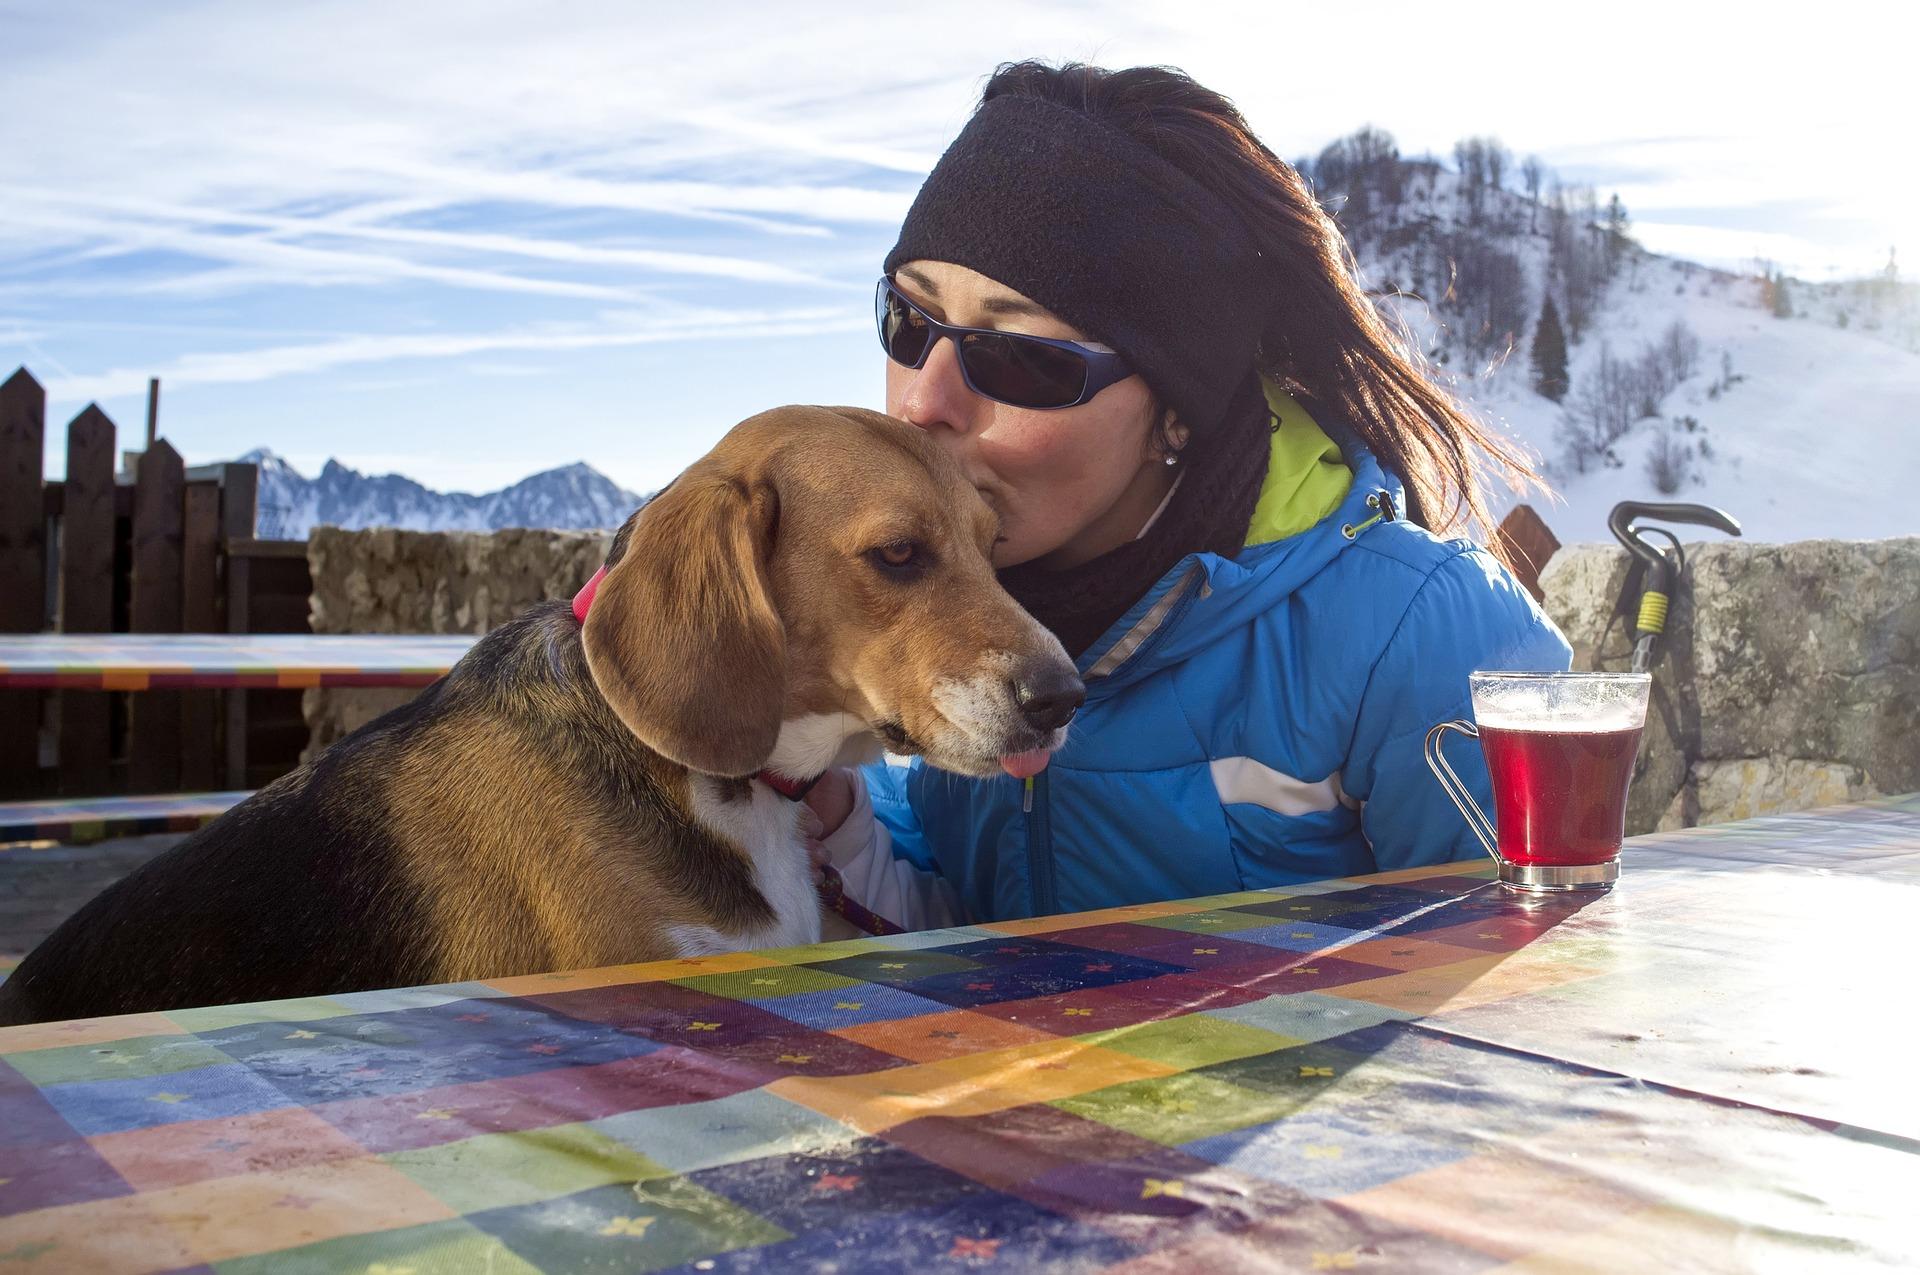 Gestion du ravitaillement en randonnée femme/chien